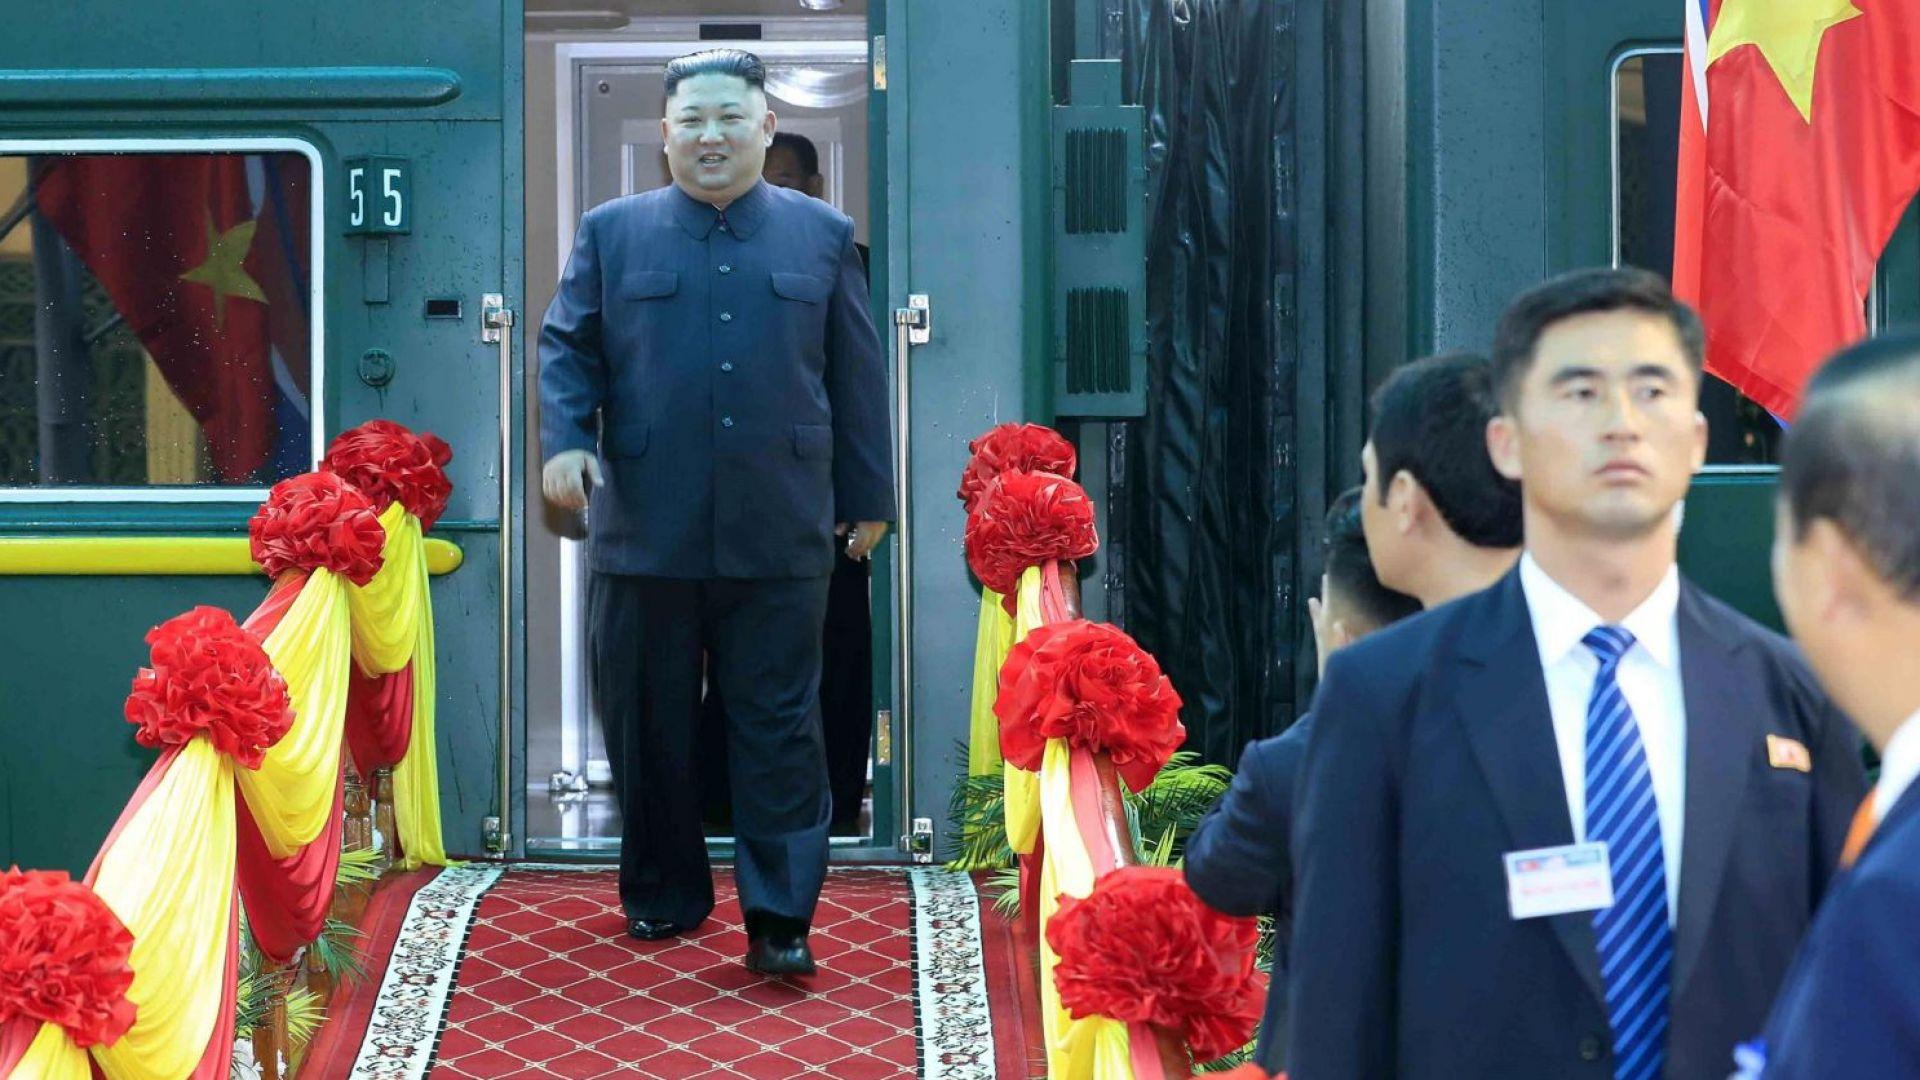 Северна Корея е екзекутирала Ким Хьок-чхол - специалният пратеник на